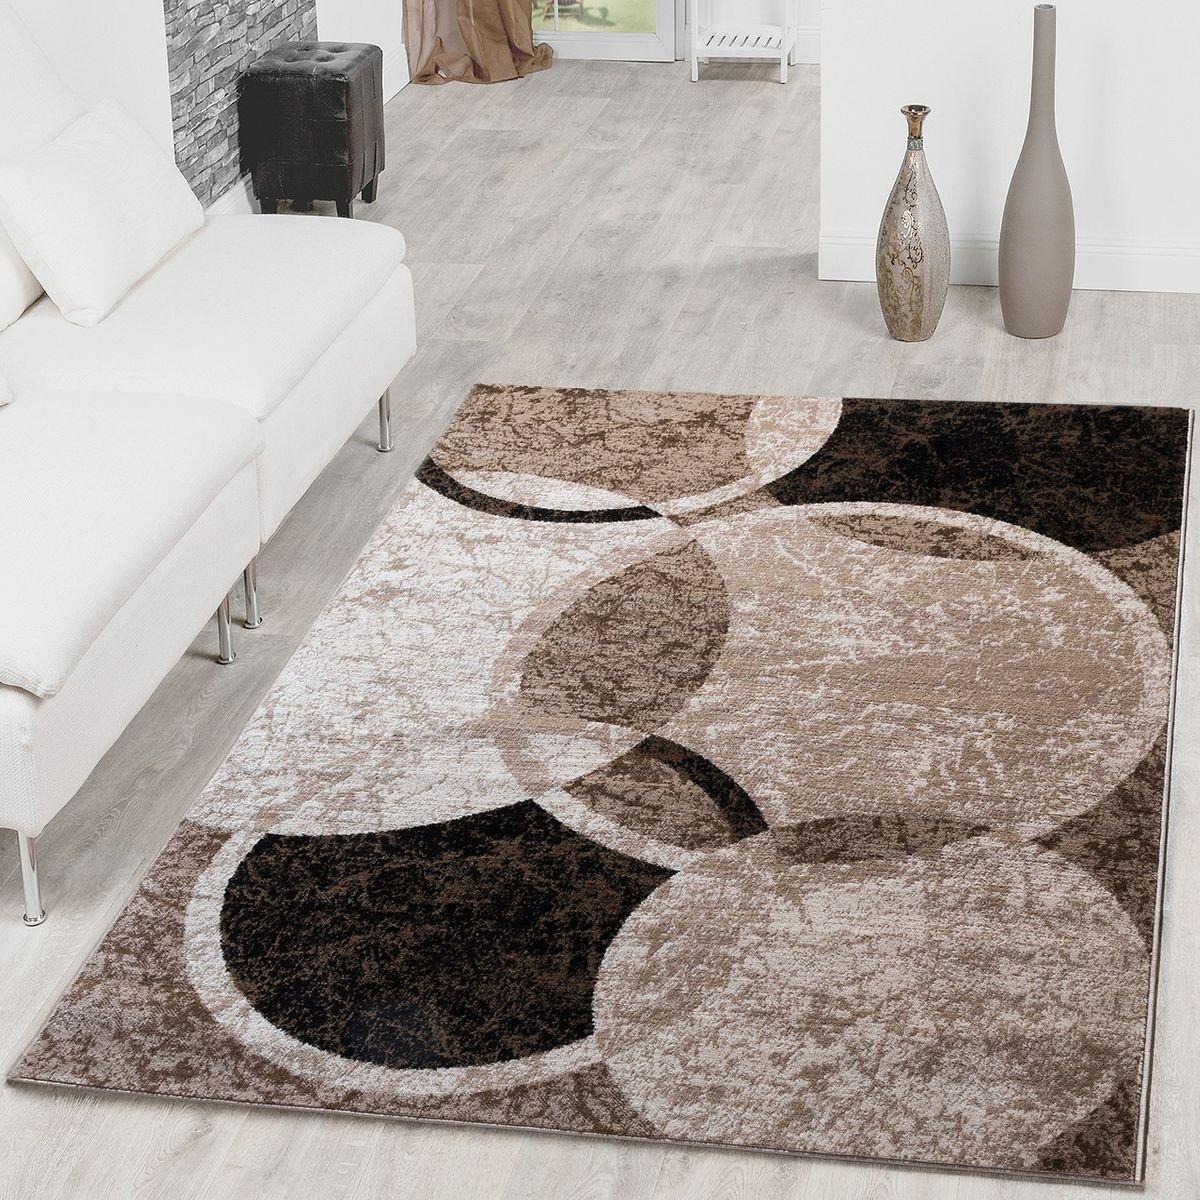 Teppich Kreis Design Modern Wohnzimmerteppich Braun Beige Schwarz Meliert, Größe 190x280 cm